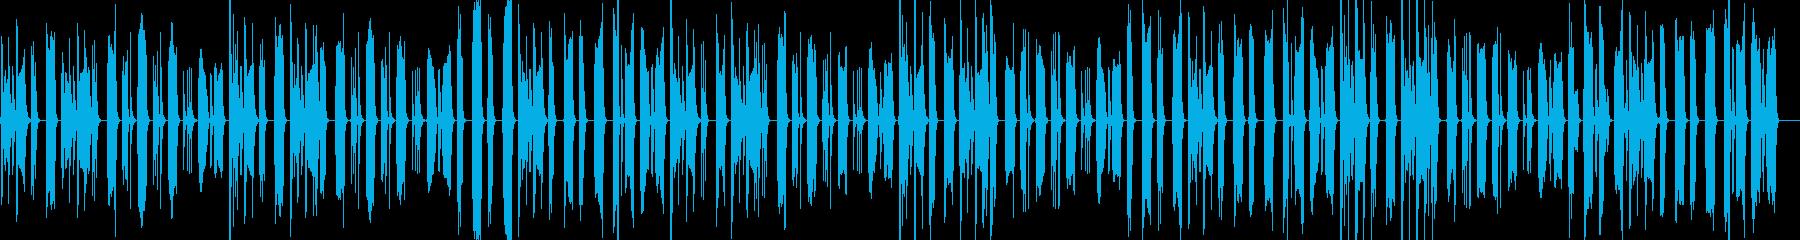 脱力&まぬけな日常会話1/ドラム抜きの再生済みの波形